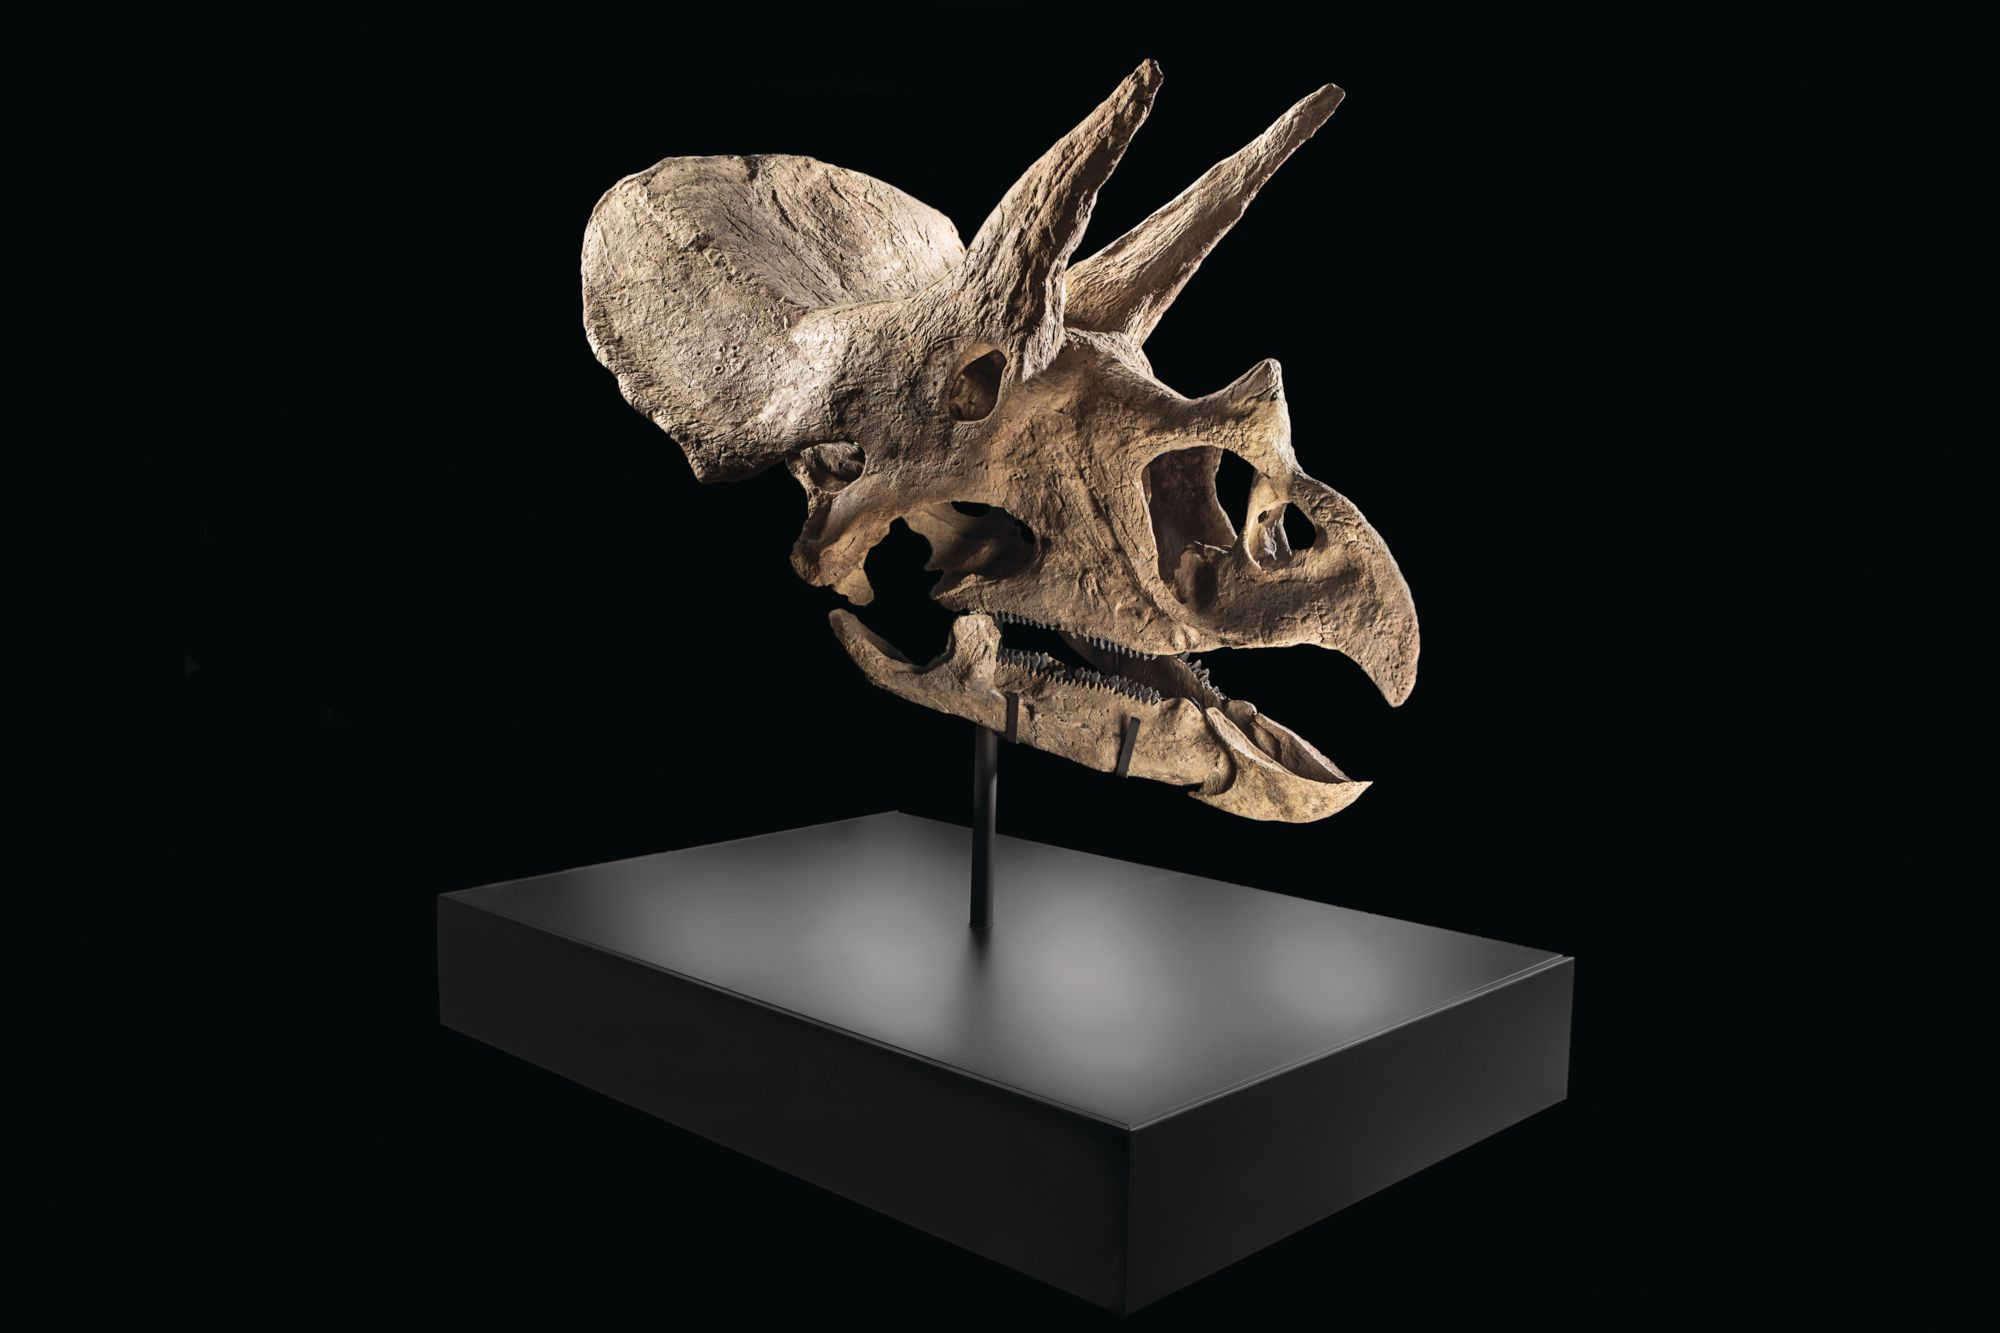 2017年,一個三角龍頭骨由中國收藏家以20萬歐元買下。